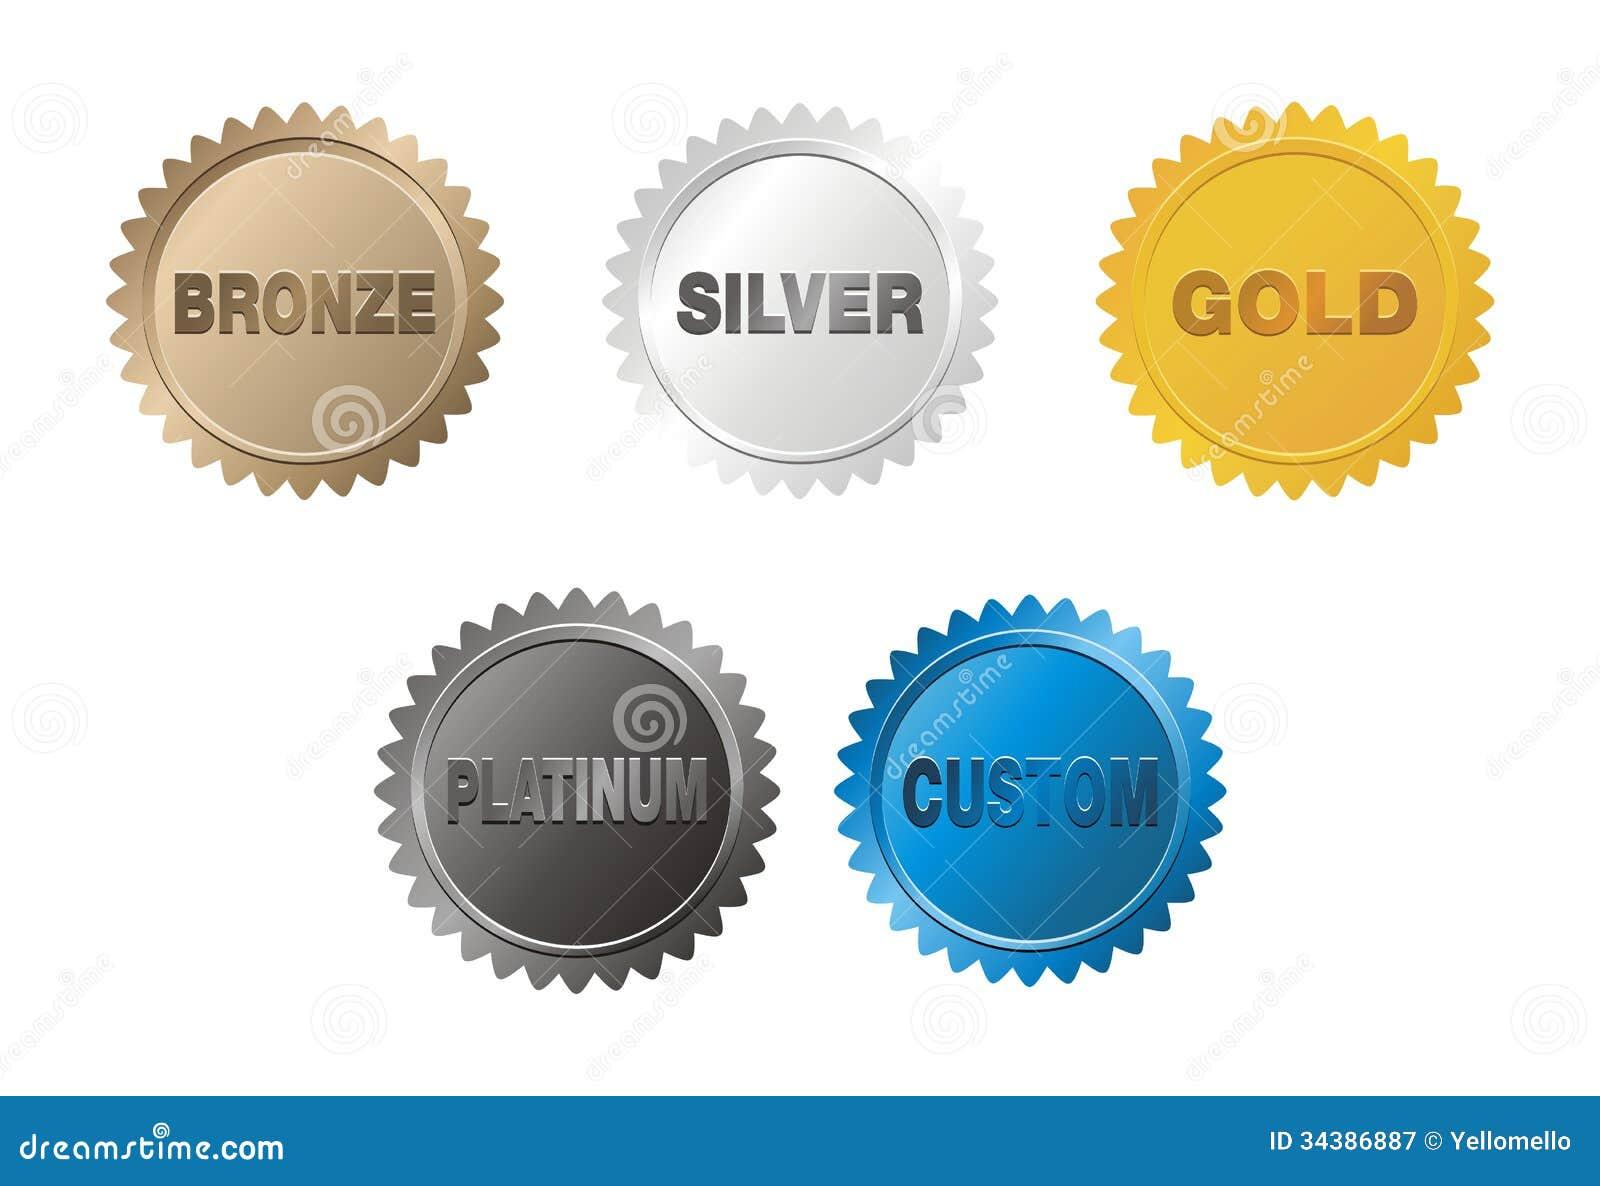 Brązowieje, osrebrza, złoto, platyny odznaka